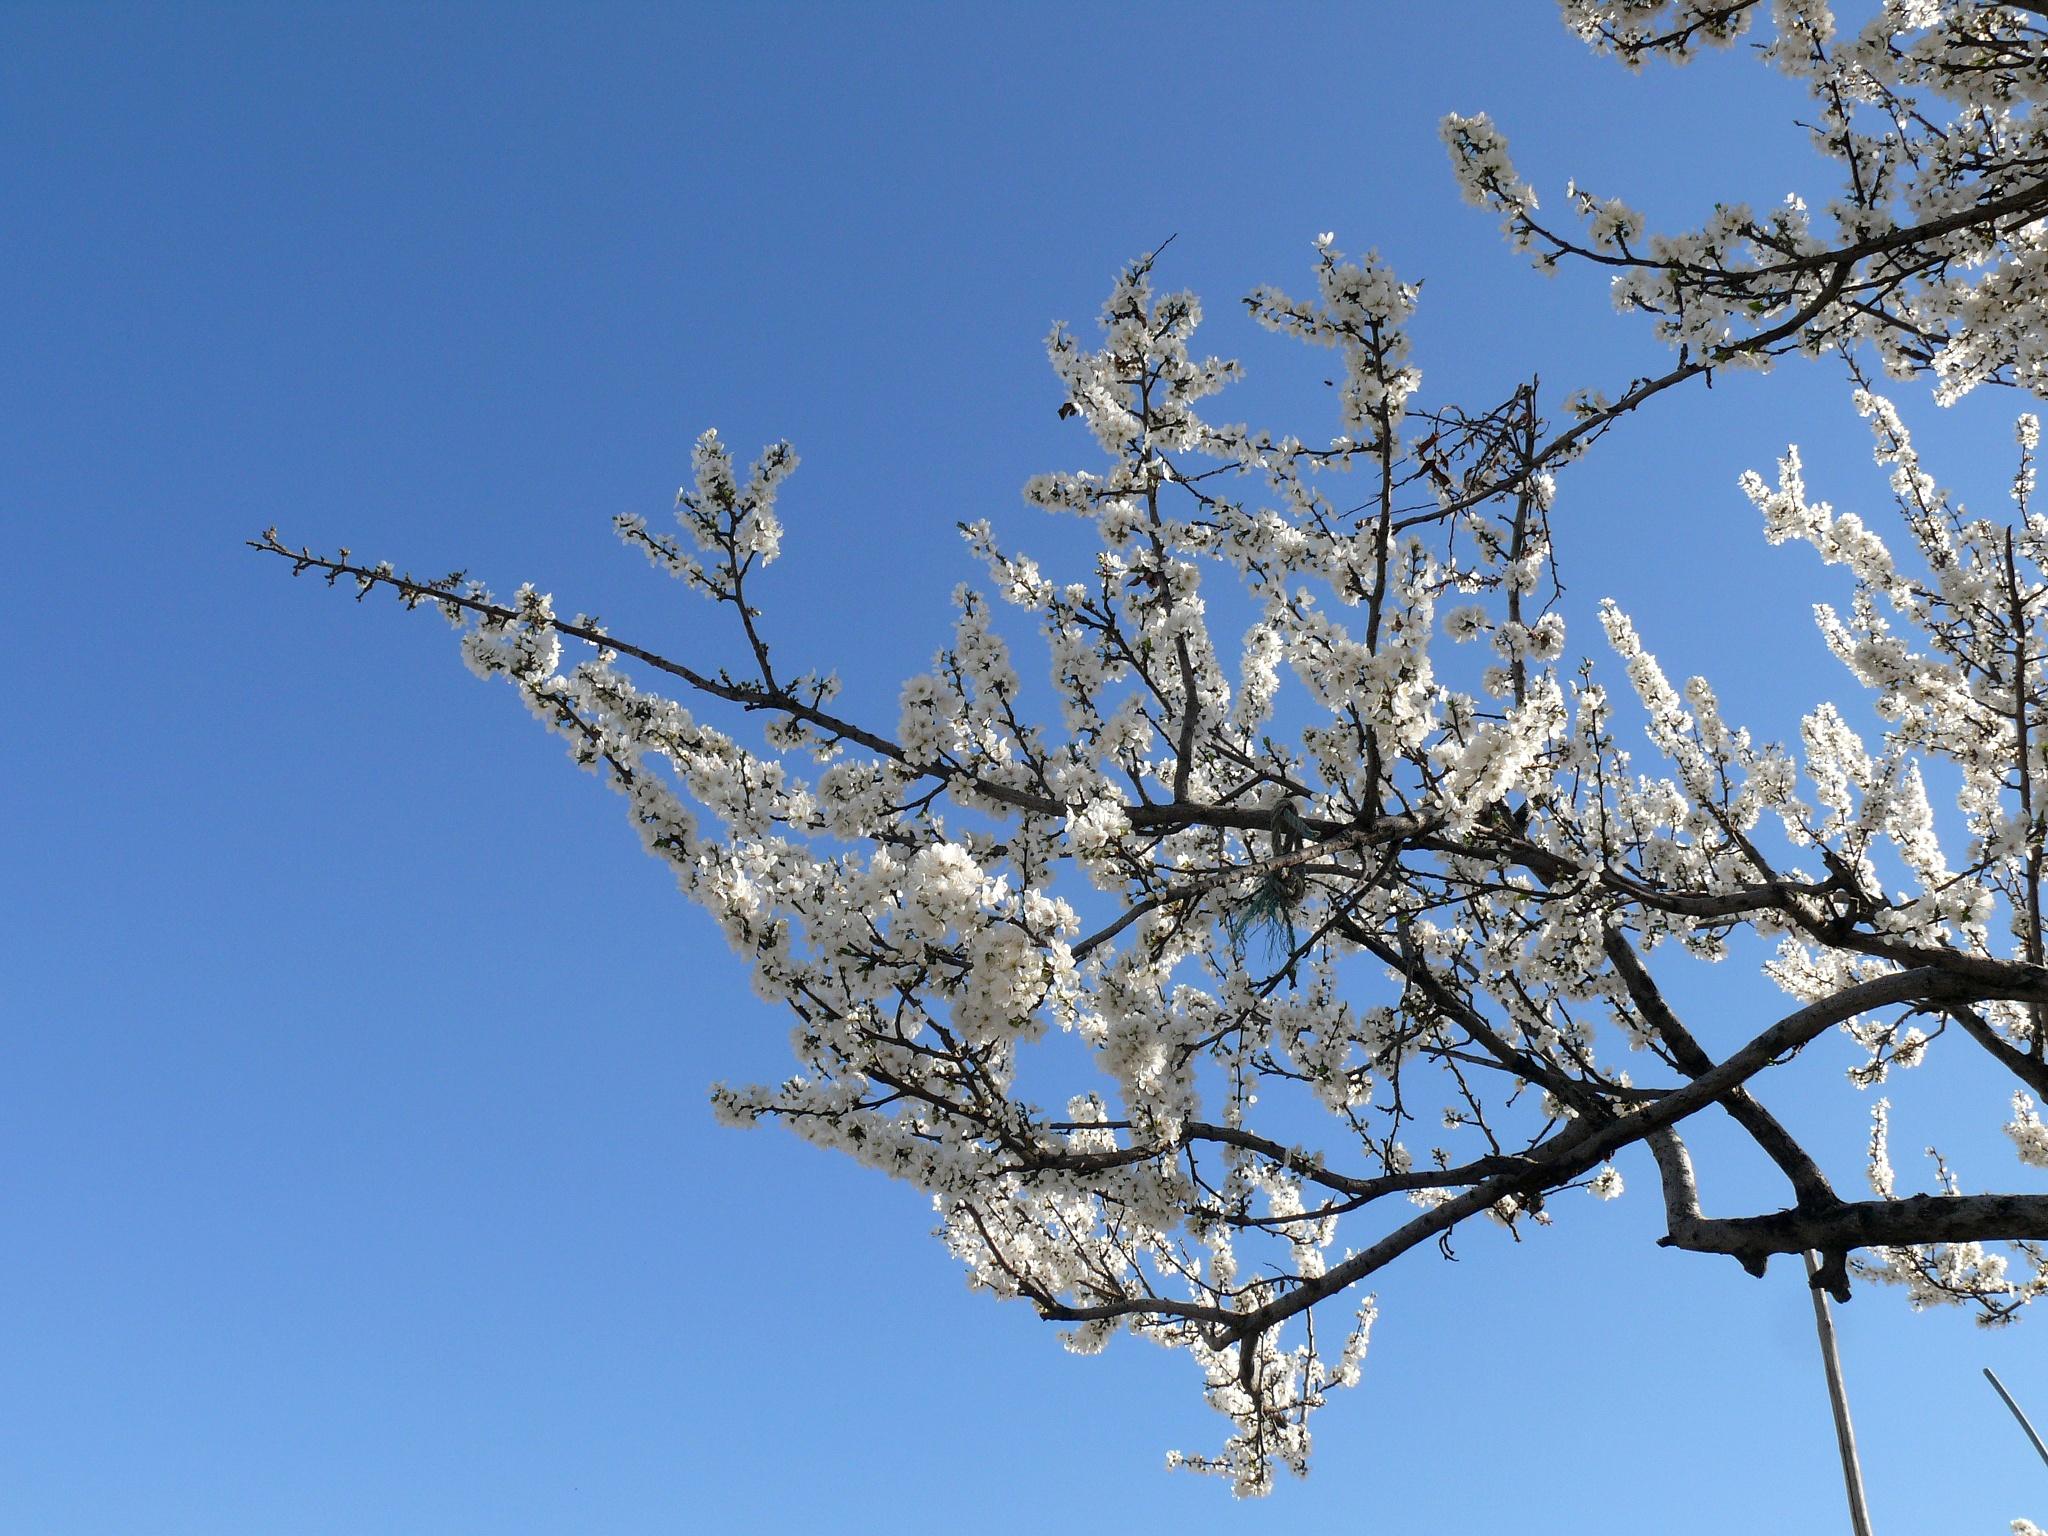 بهاران خجسته باد! by Aahmad Hezavei